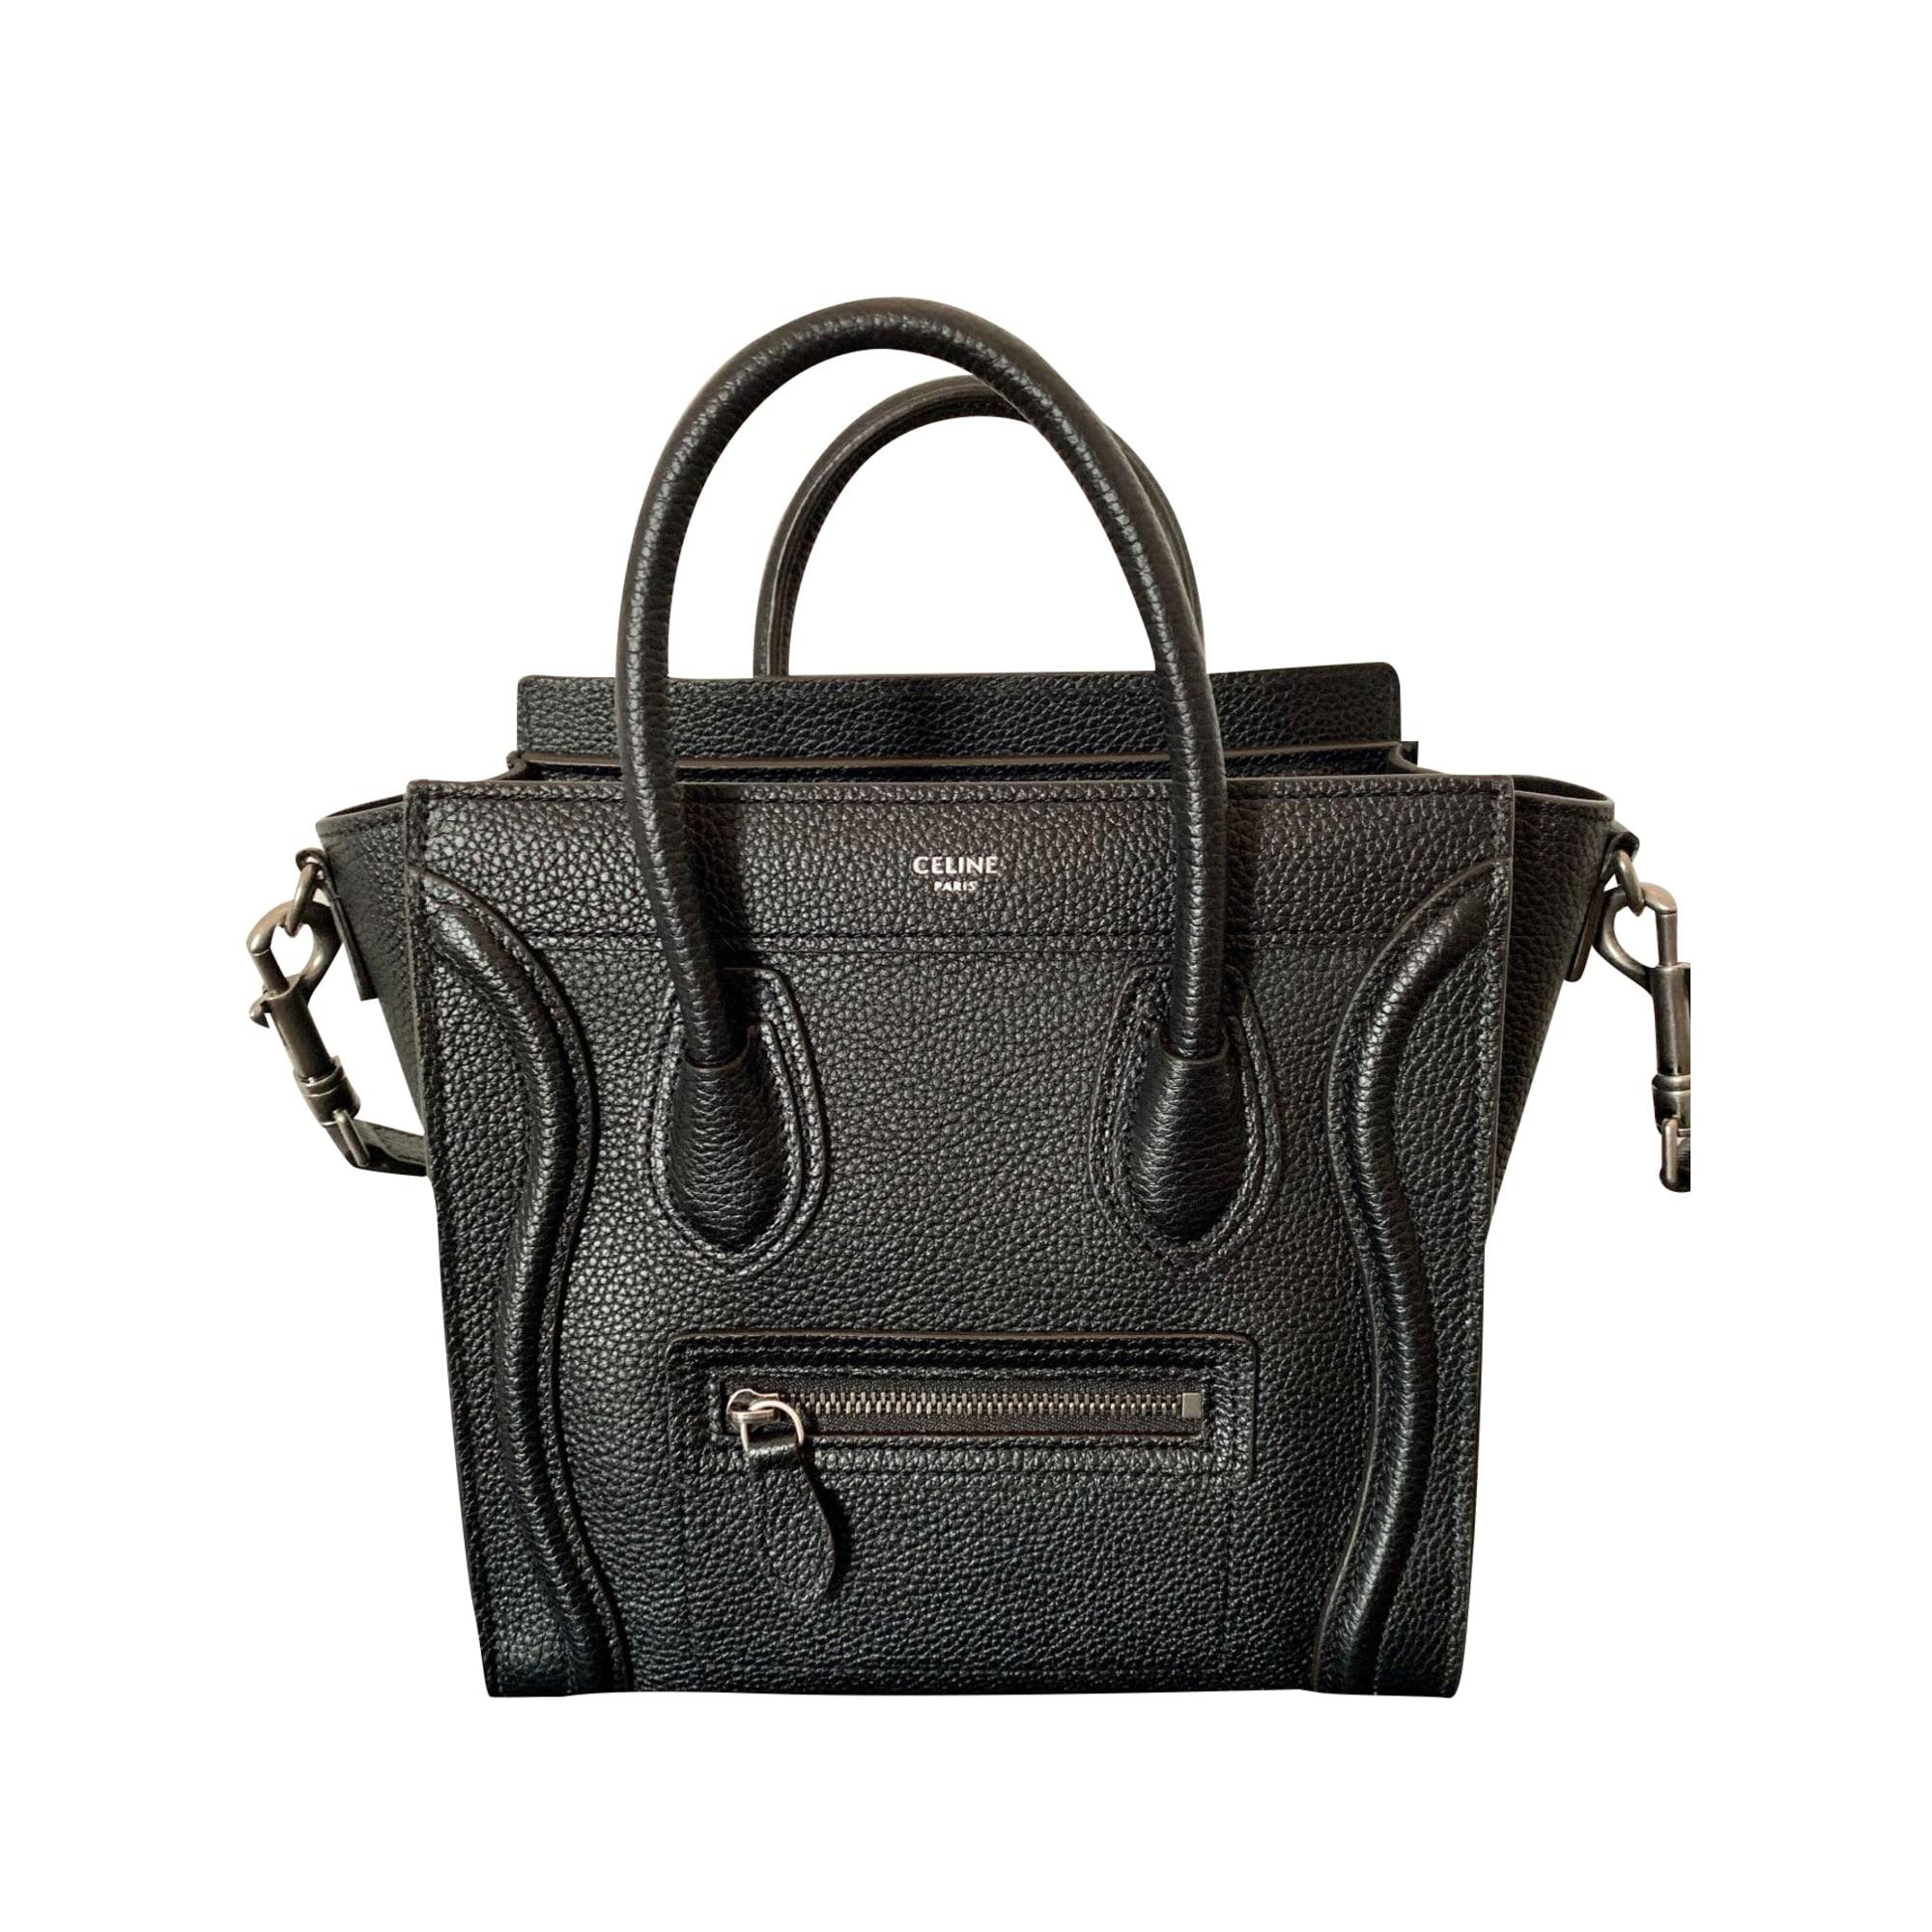 Leather Shoulder Bag CÉLINE Luggage Black